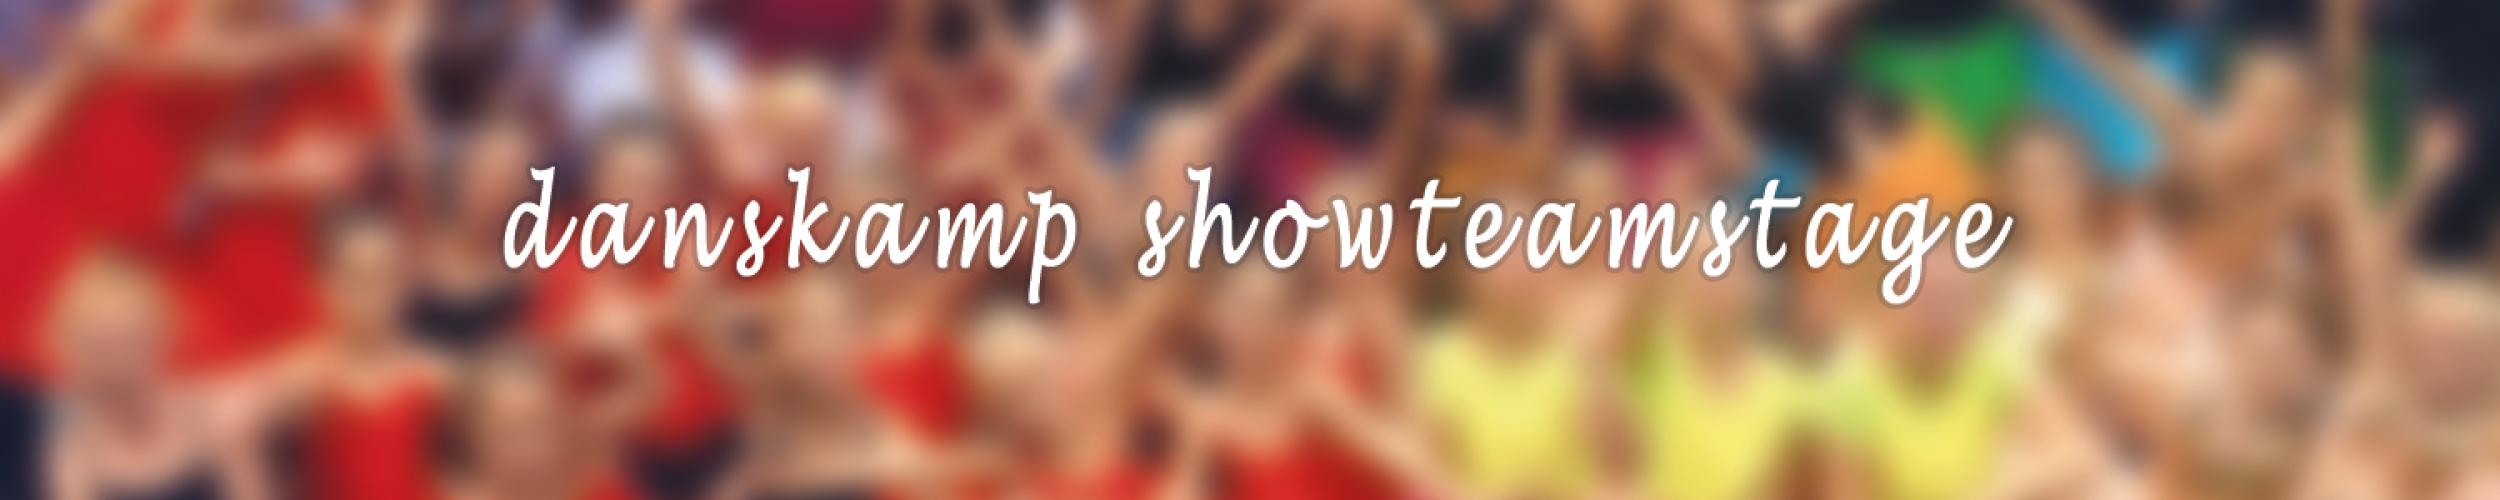 Danskamp 7 - Showteamstage van 23 tot 30 augustus 2019_Izegemse Dansacademie